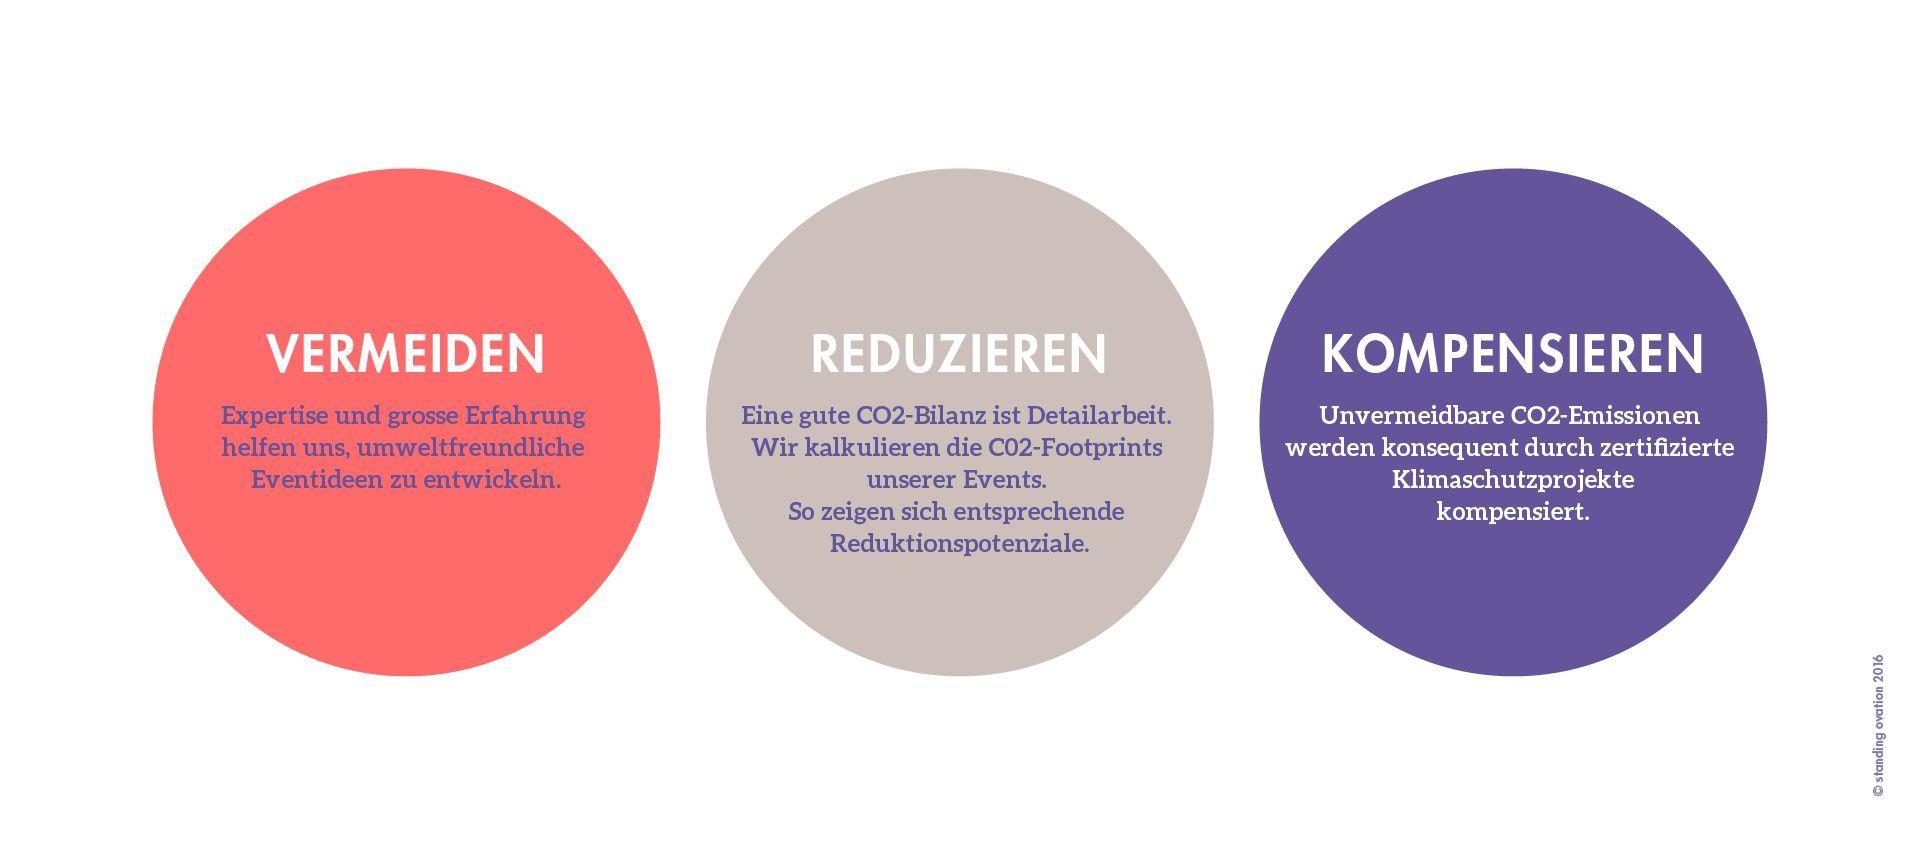 03_Nachhaltigkeit_Grafik_Kompensieren_D